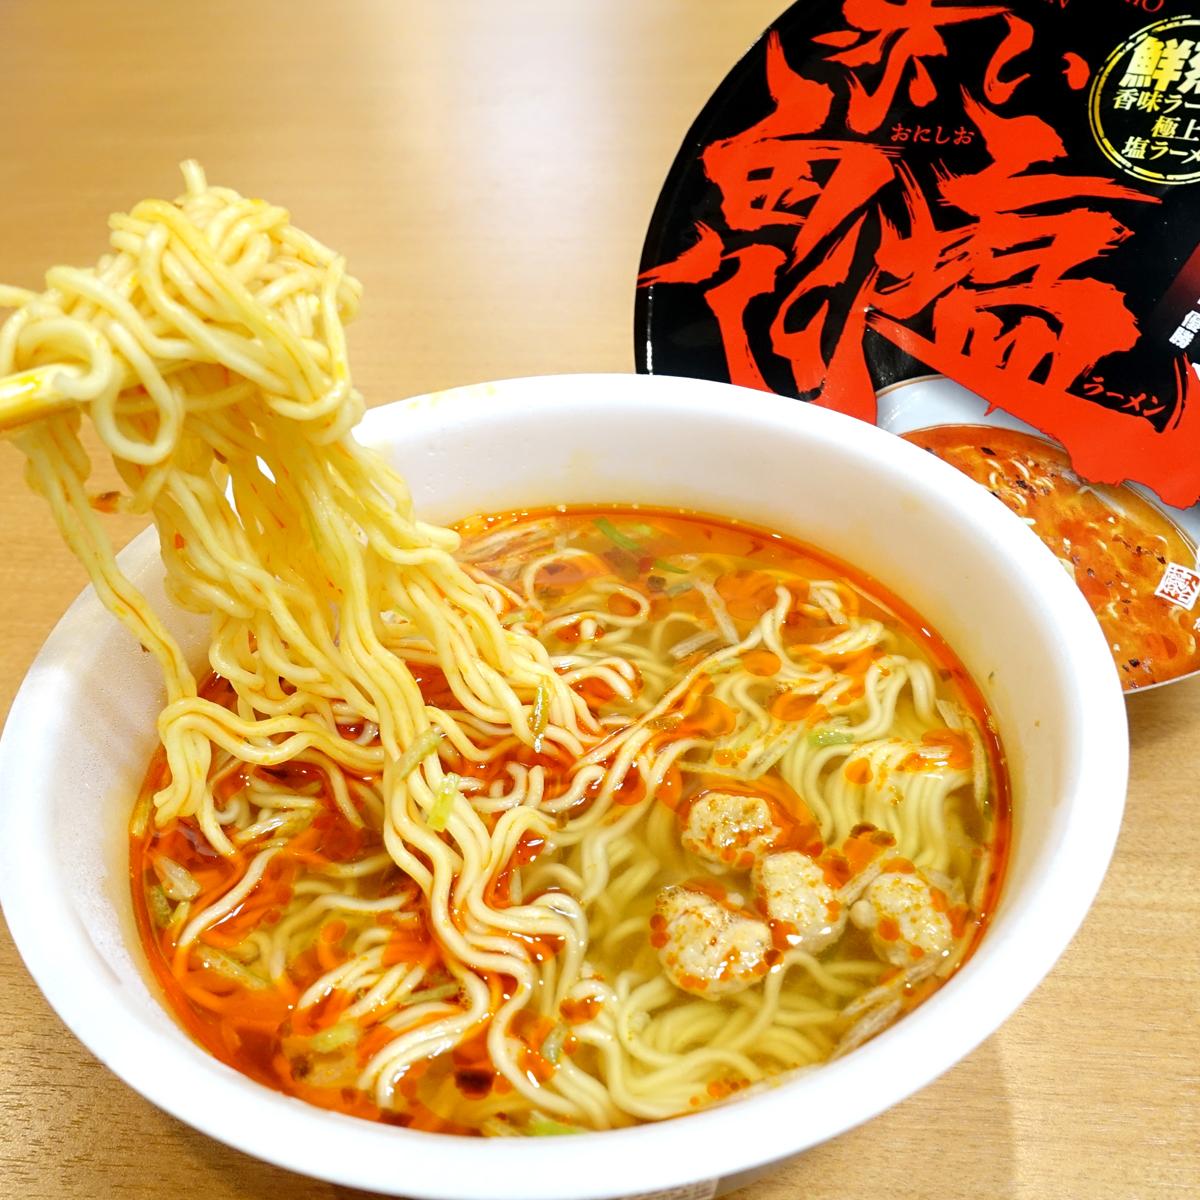 """スープの再現度は""""過去最高""""。「鬼そば藤谷 赤い鬼塩ラーメン」は、お店と同じ味がする!"""